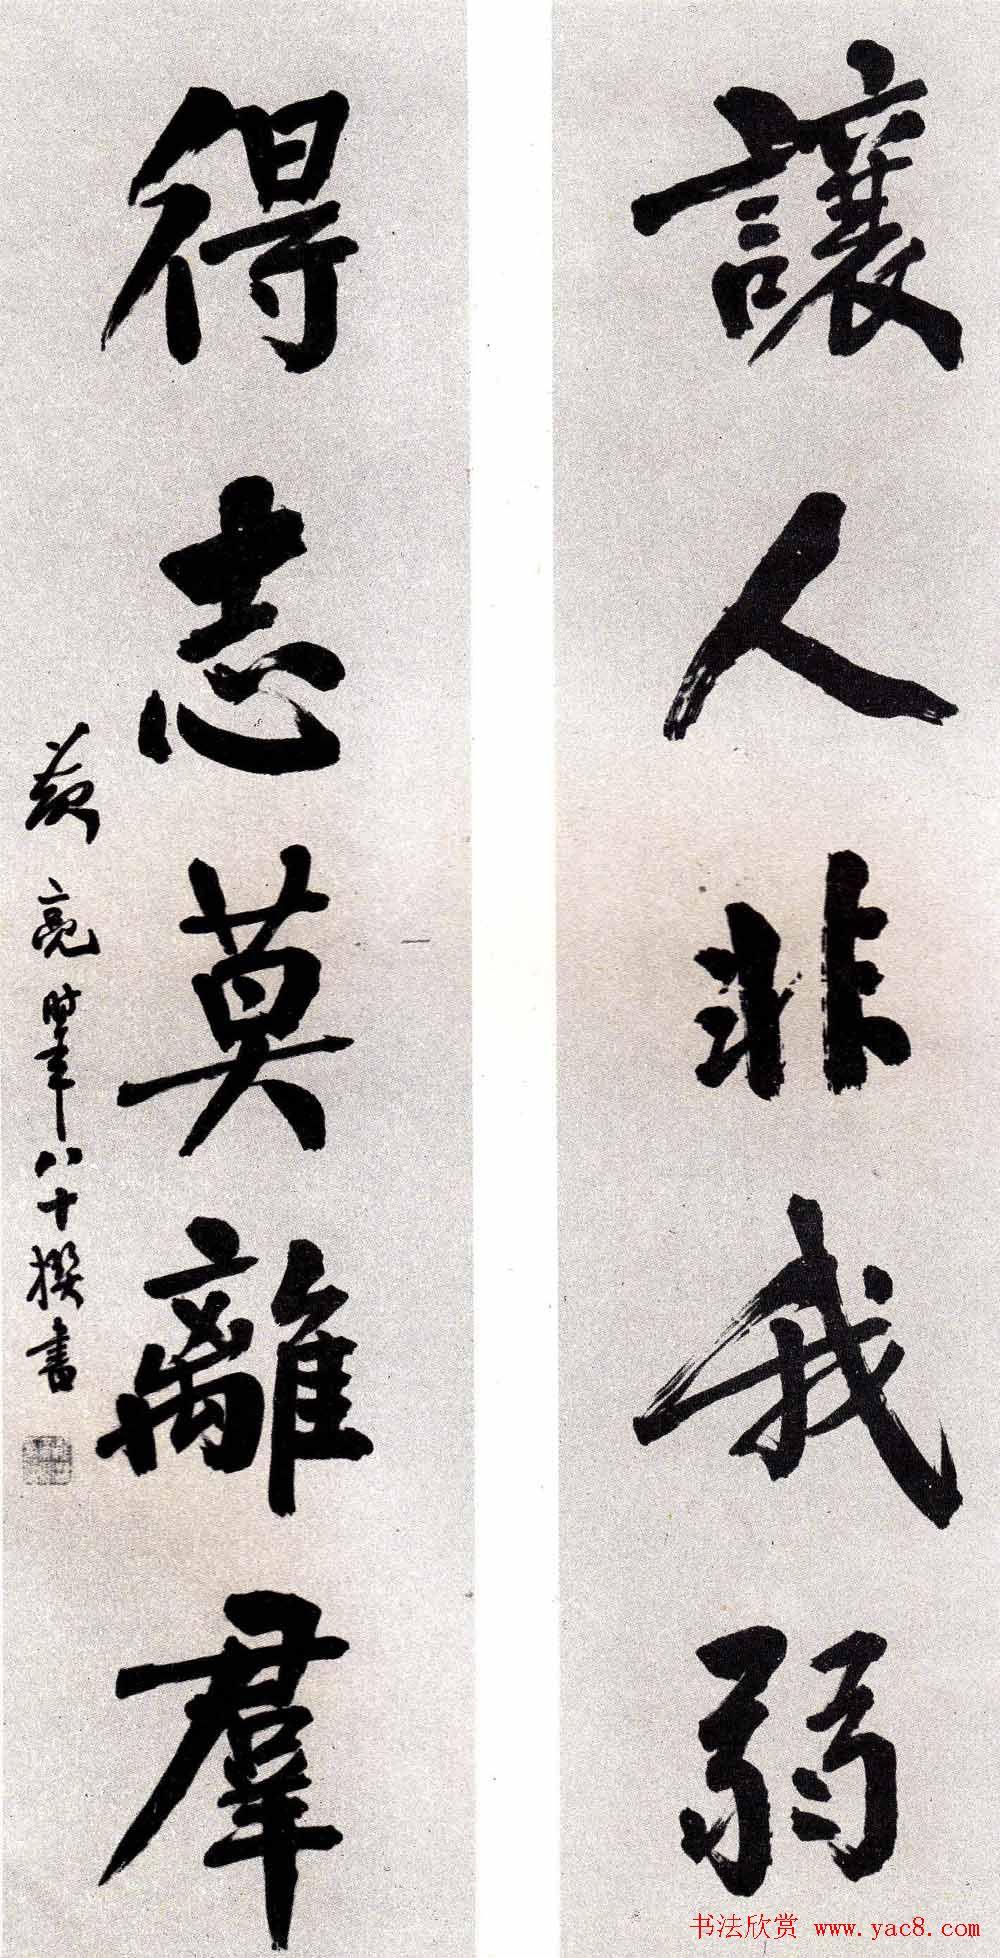 湖北名家黄亮书法作品欣赏图片